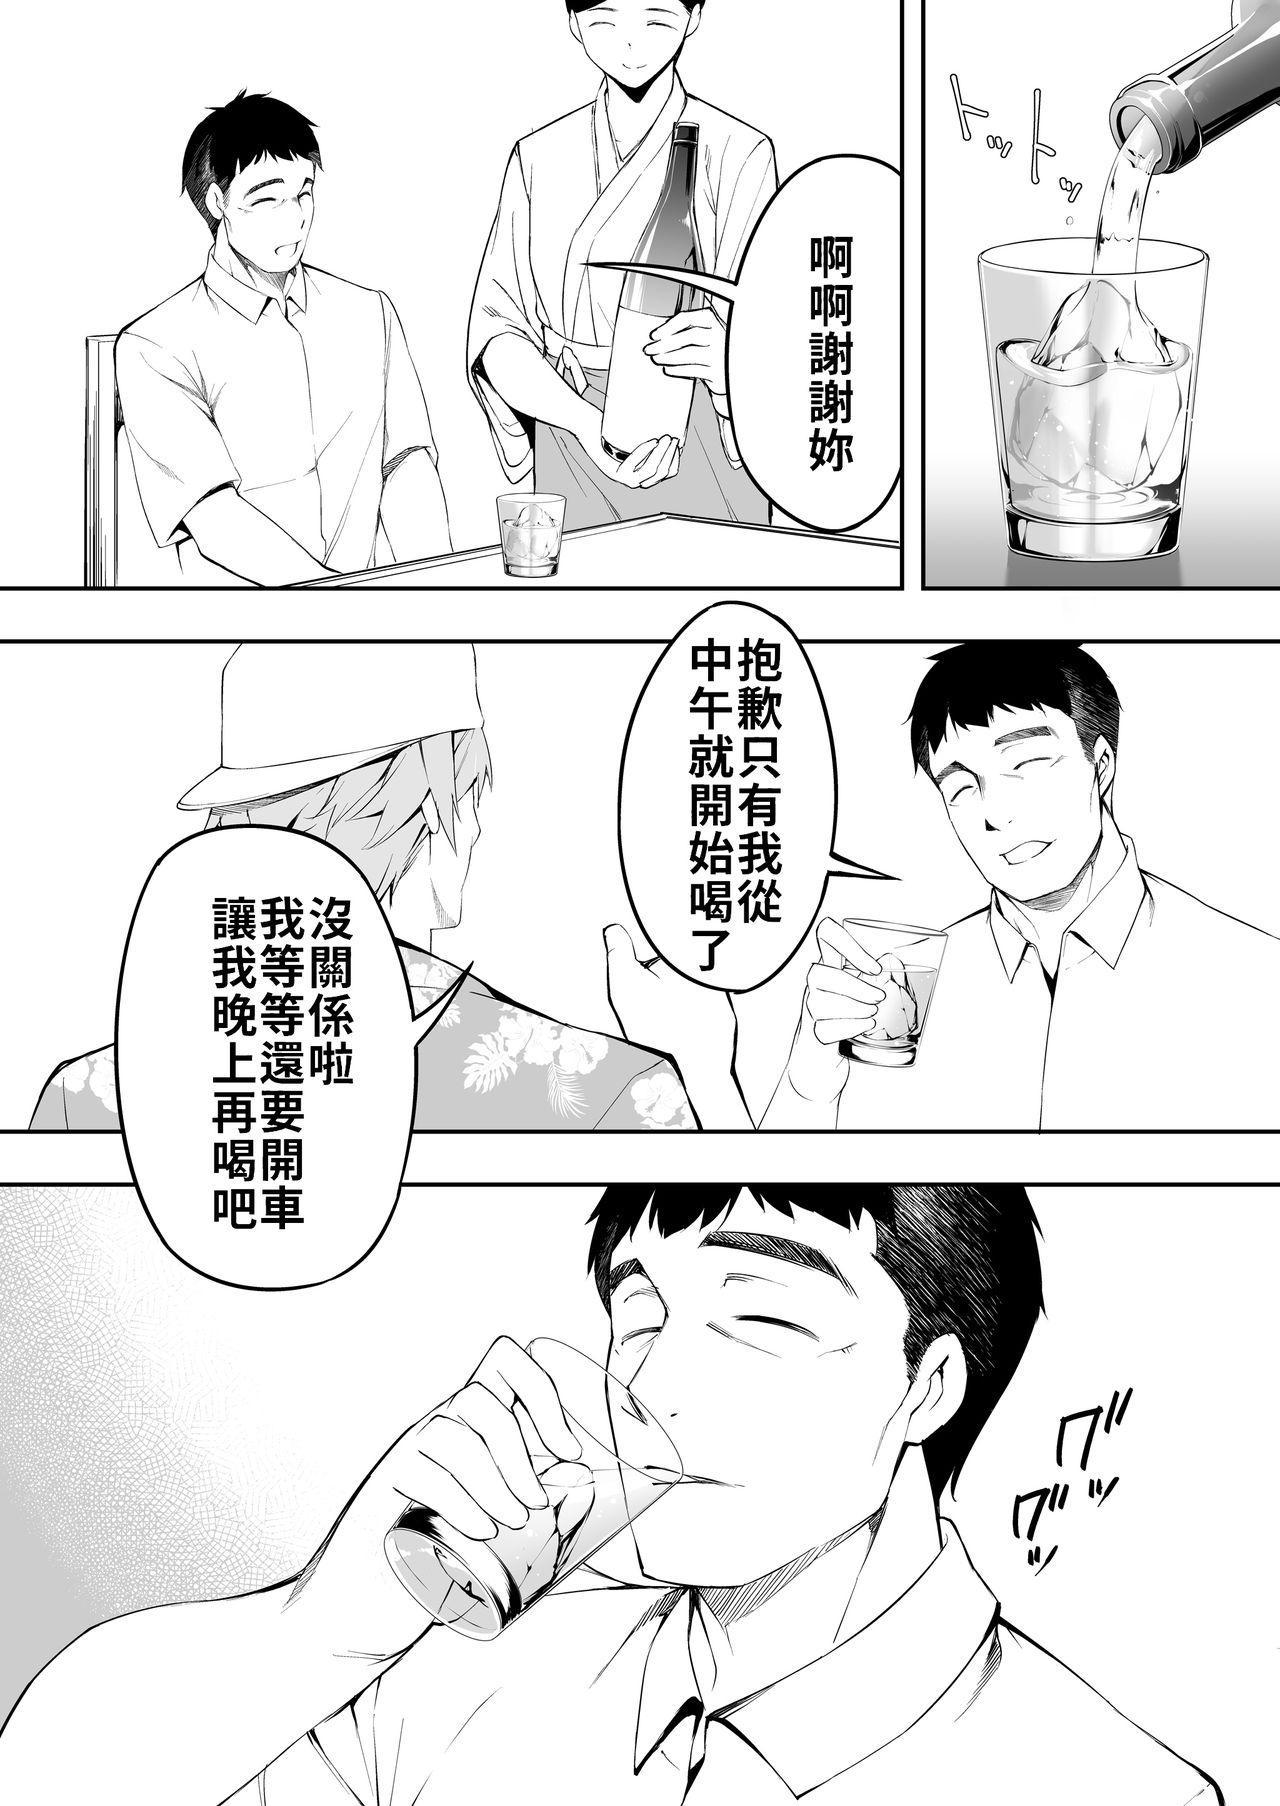 Panpan Travelers Hakata Shuudan Rape Ryokou | 吃飯兼炒飯TRAVELERS~博多集團強●旅行 14